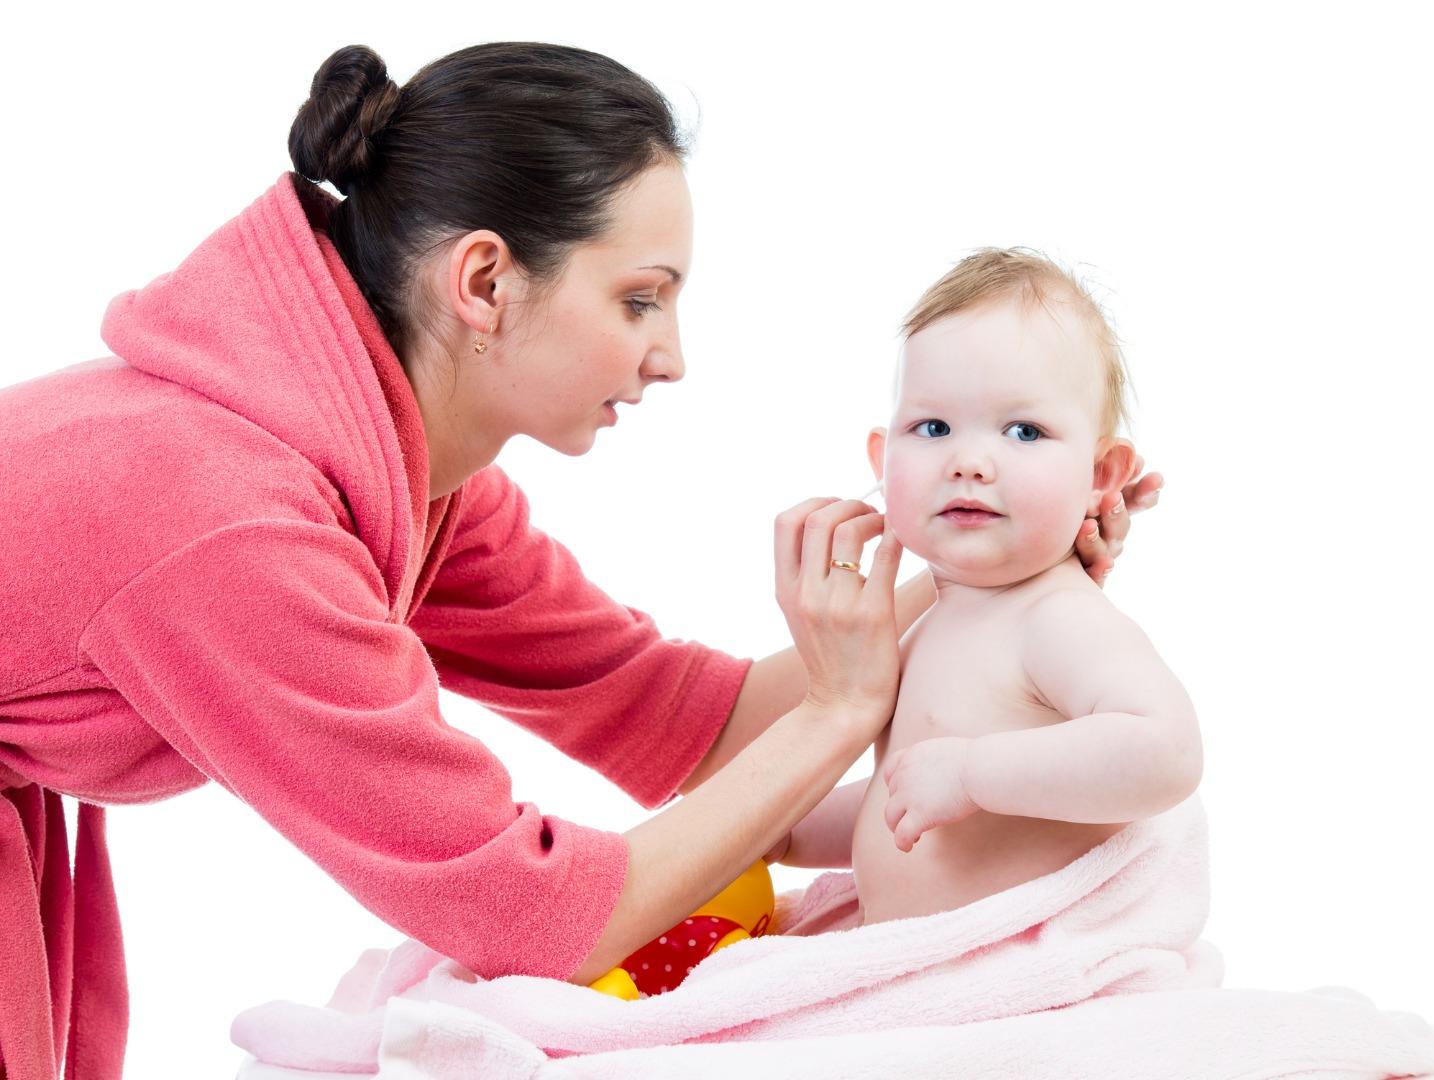 Ушки младенца: тонкости ухода